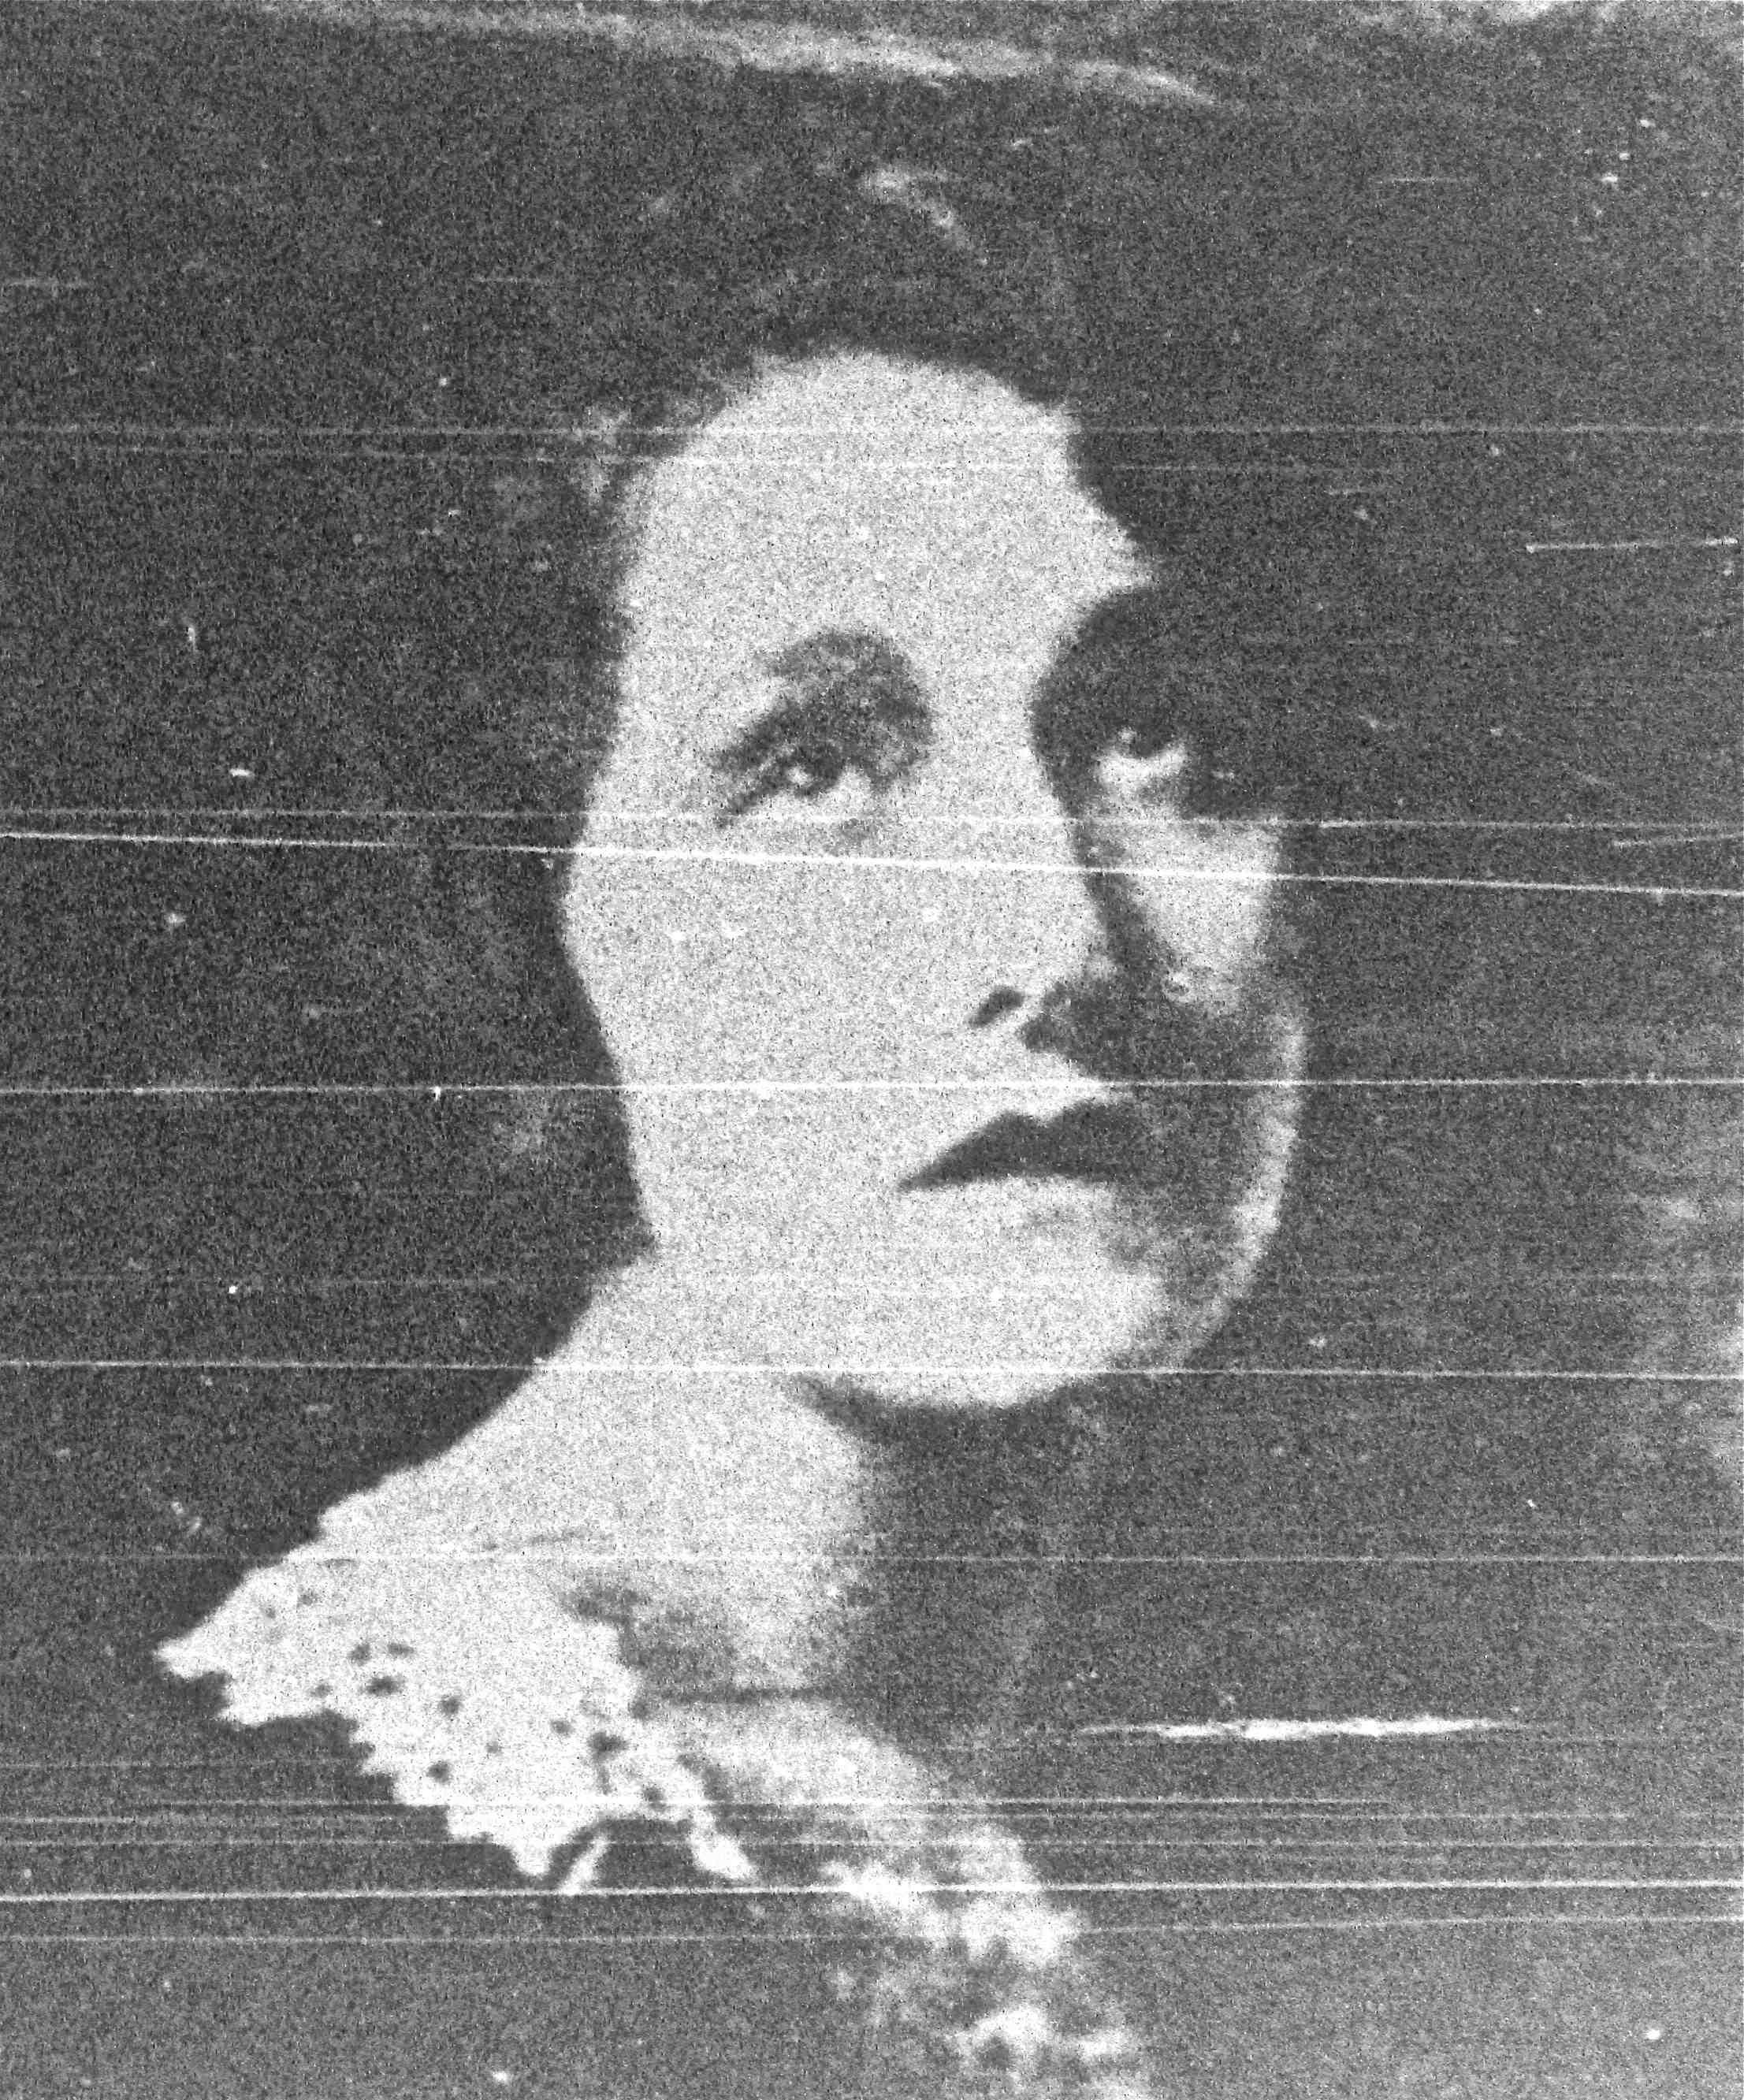 19240712_zigzagF2_stgo_golondrina_jovitaolga_baja.jpg